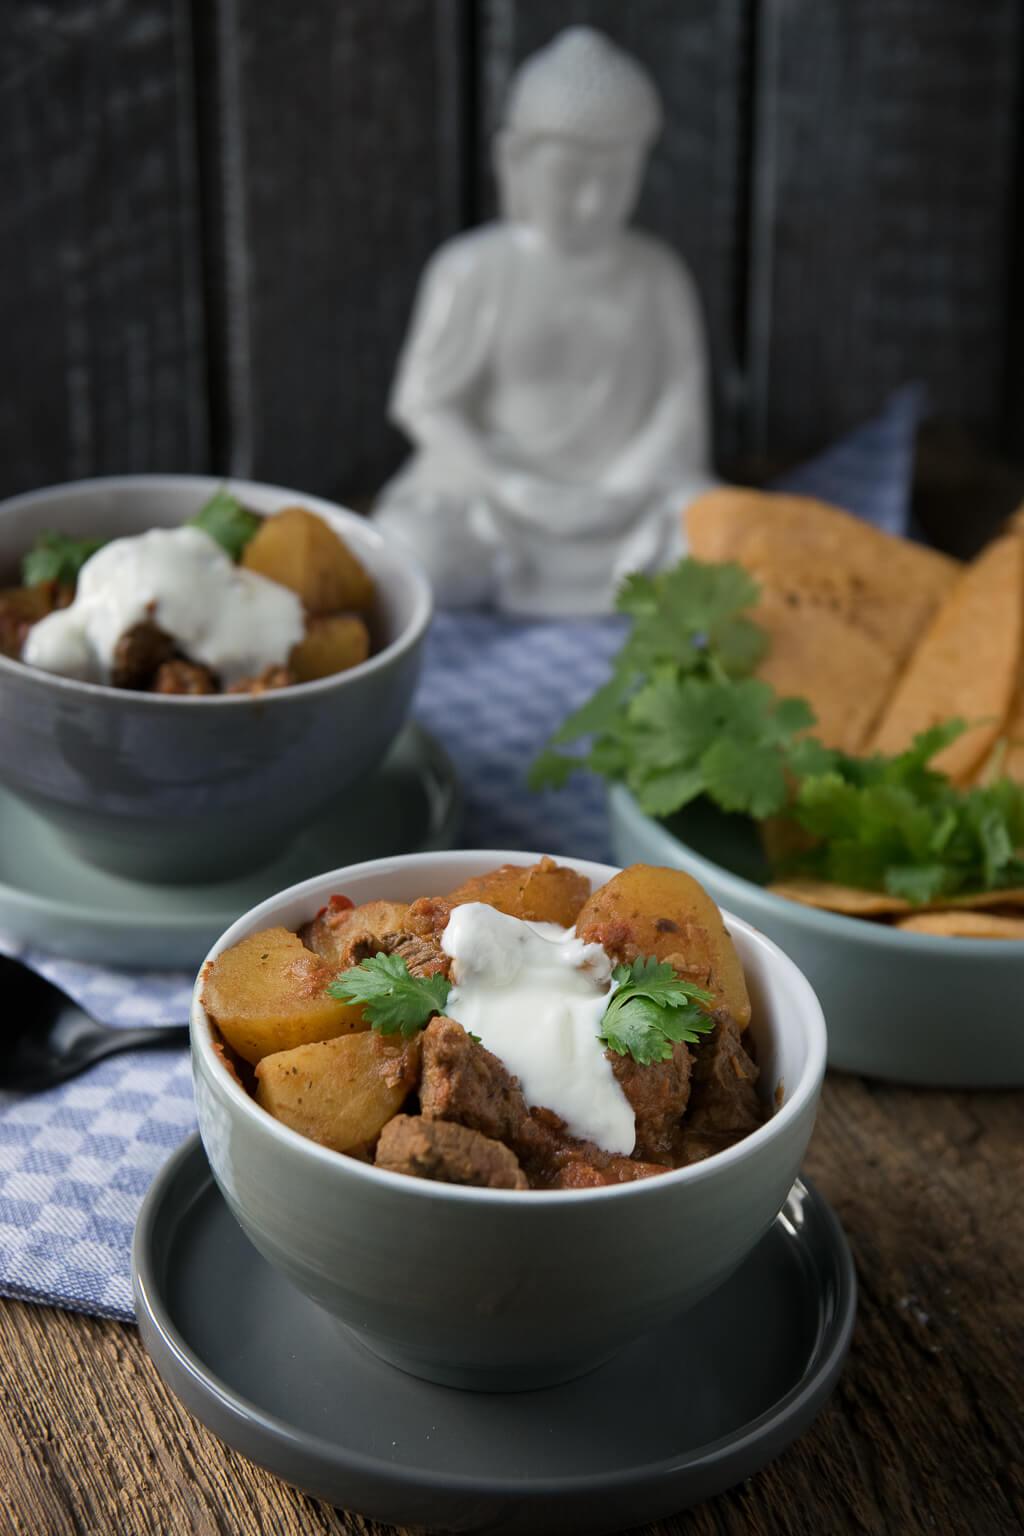 Super lecker aus dem Slowcooker - Curry Kartoffel Rindfleisch Topf